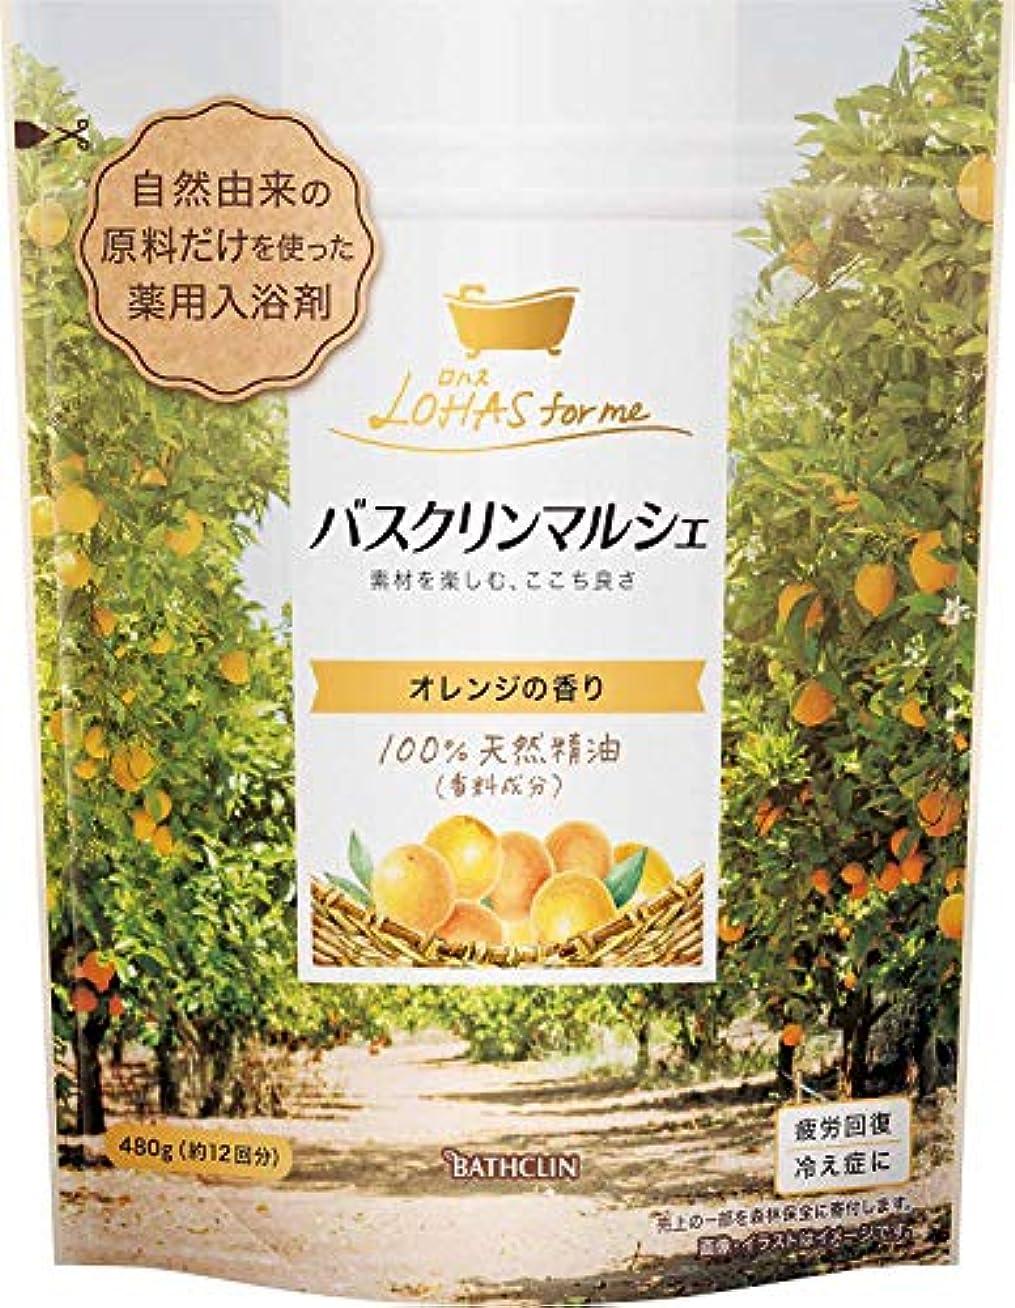 マンモスレンジ雇用者【医薬部外品/合成香料無添加】バスクリンマルシェ入浴剤 オレンジの香り480g 自然派ほのかなやさしい香り